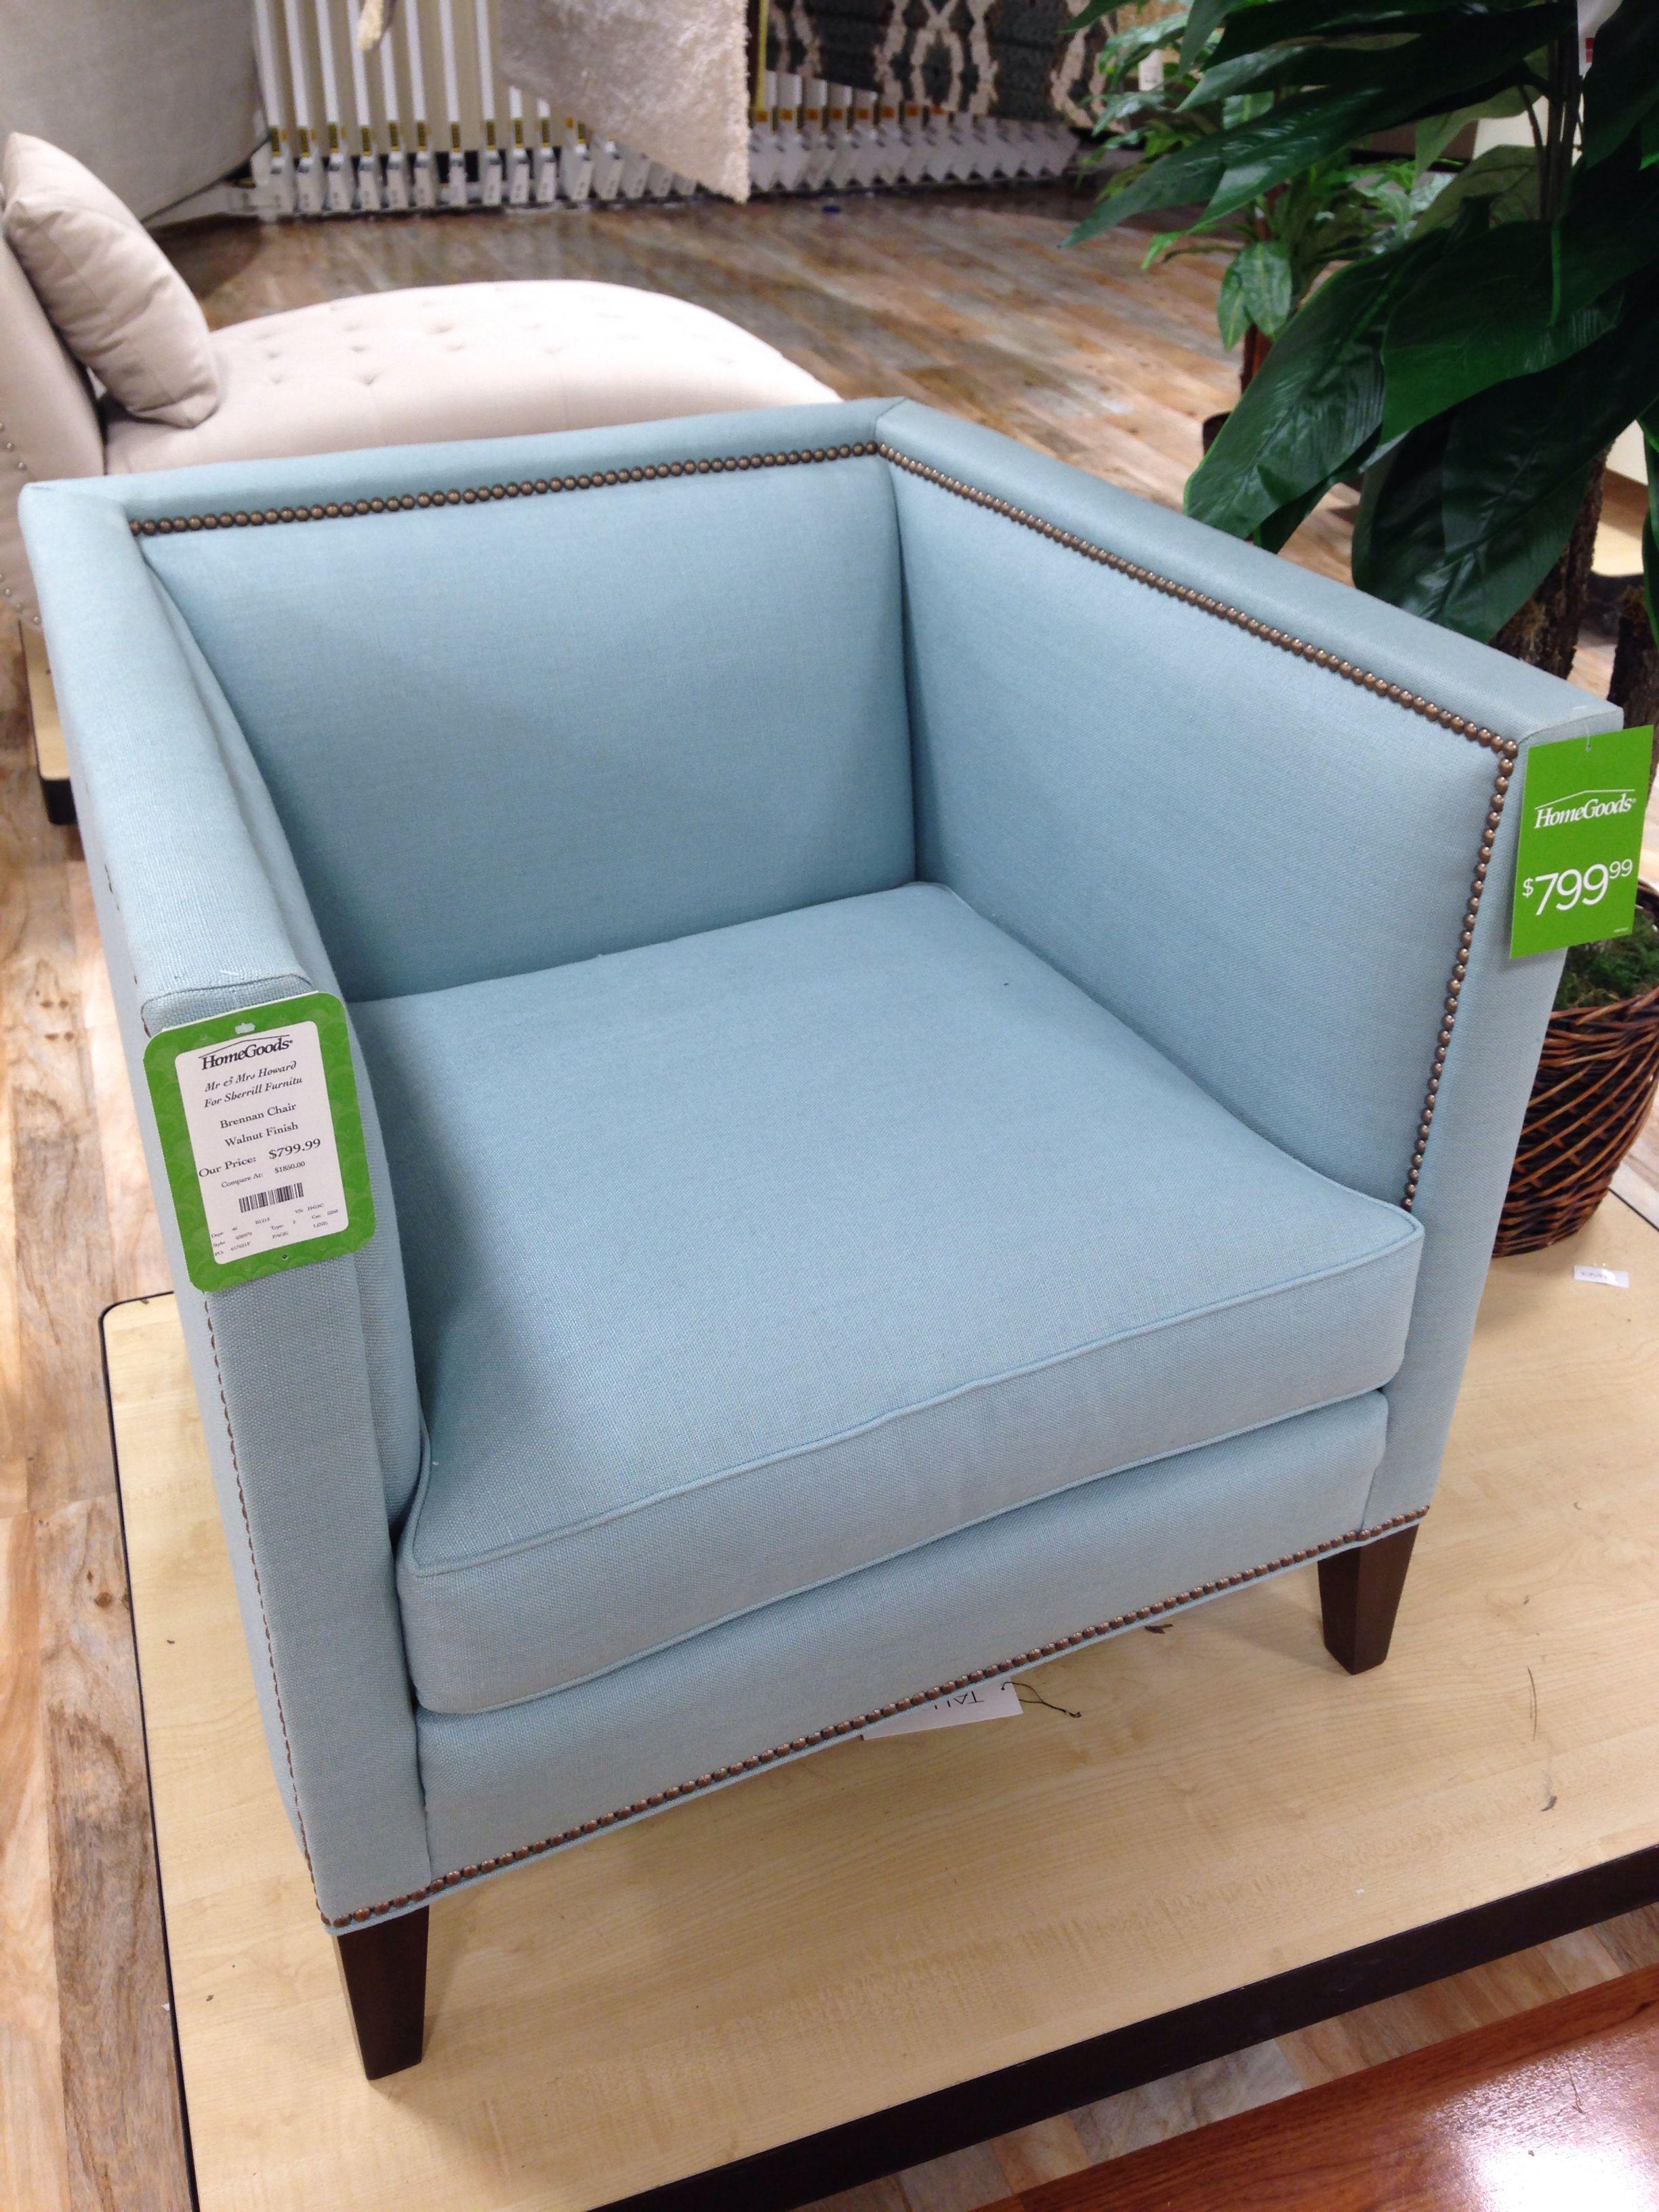 Club Chair Club Chairs Home Goods Store Chair